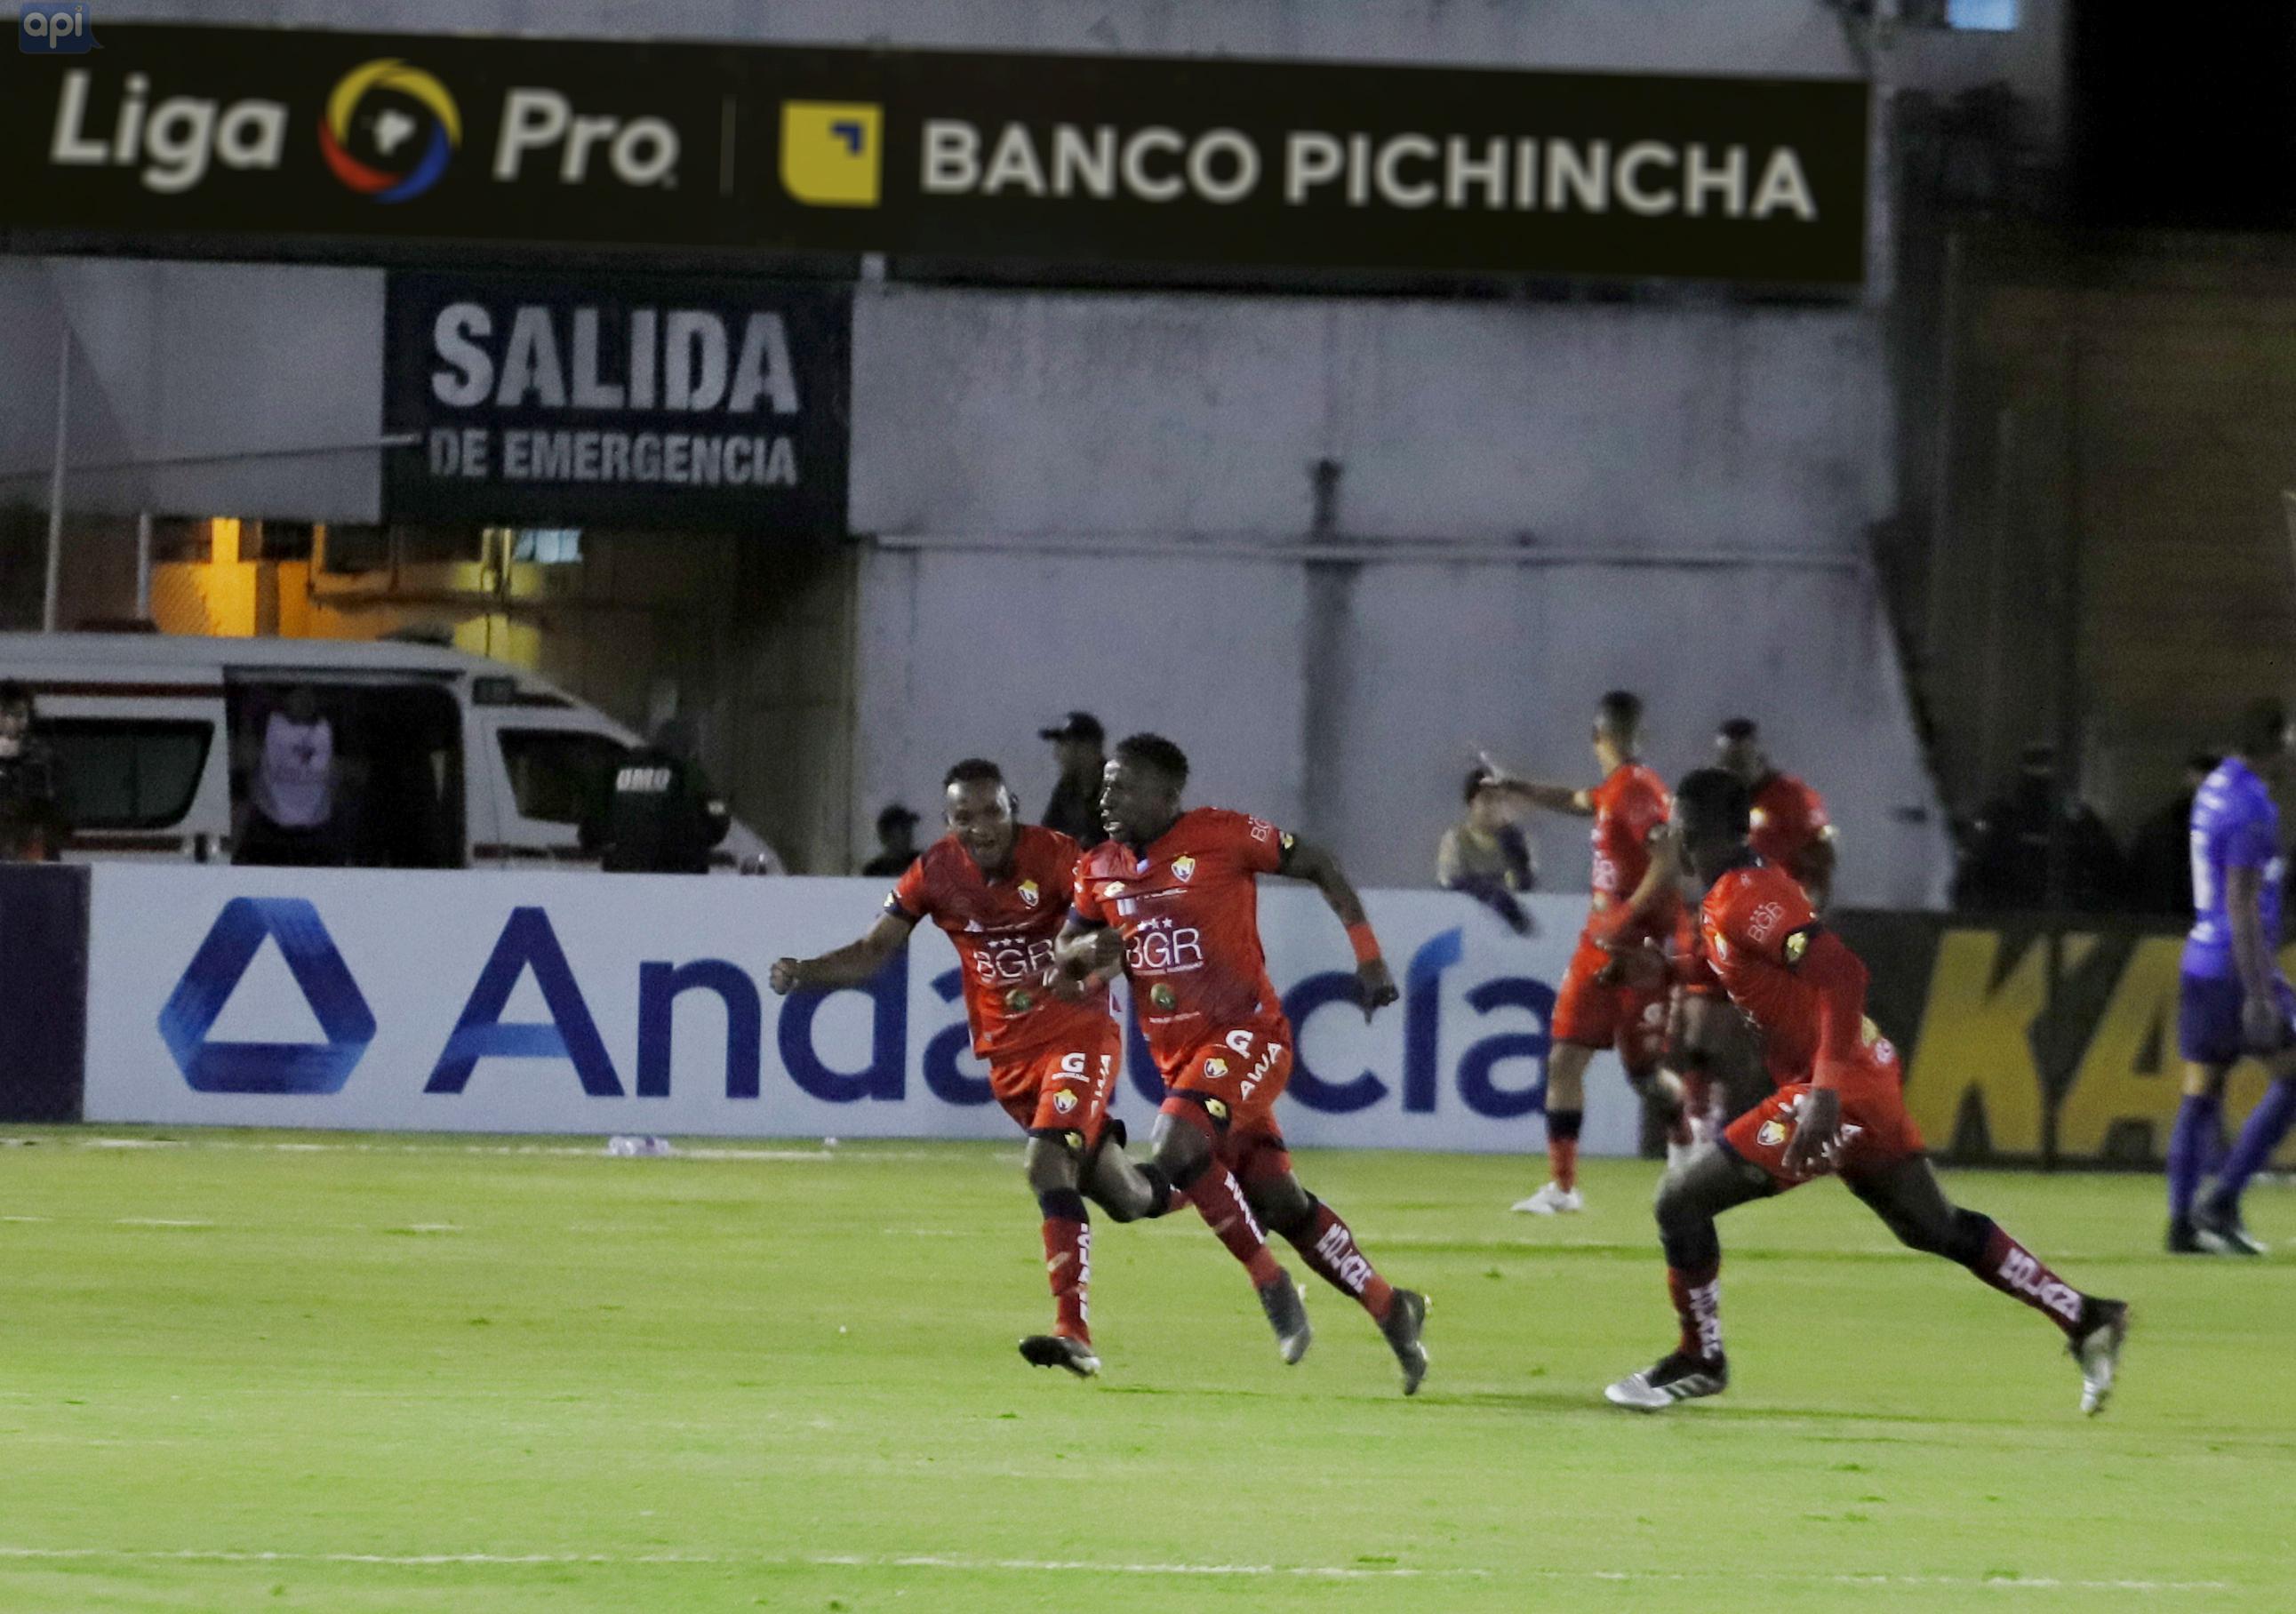 """La victoria del El Nacional ante Emelec ubica a los """"Puros Criollos"""" en el séptimo puesto con 30 puntos en la LigaPro."""